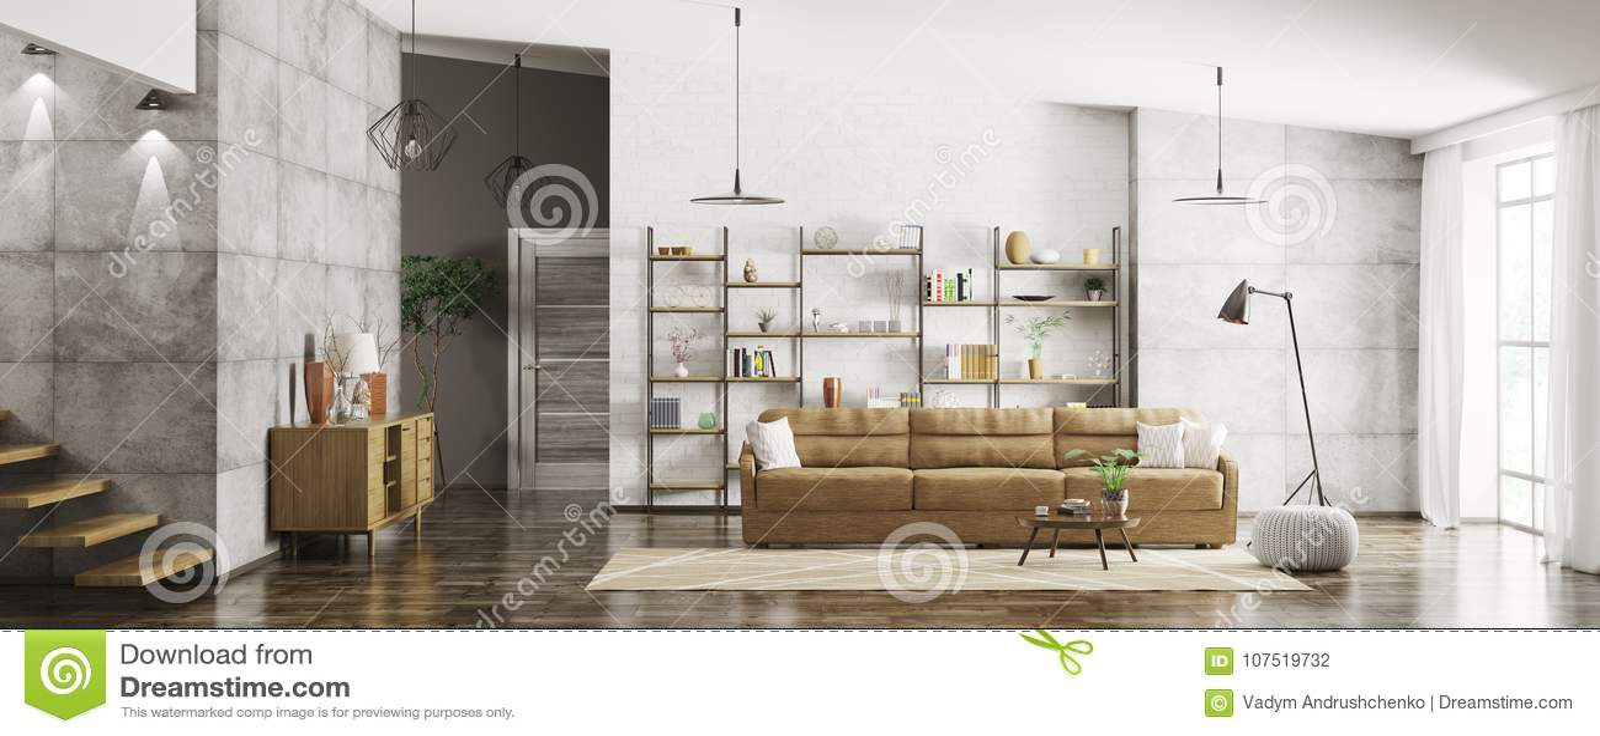 Wnętrze nowożytny mieszkanie panoramy 3d rendering